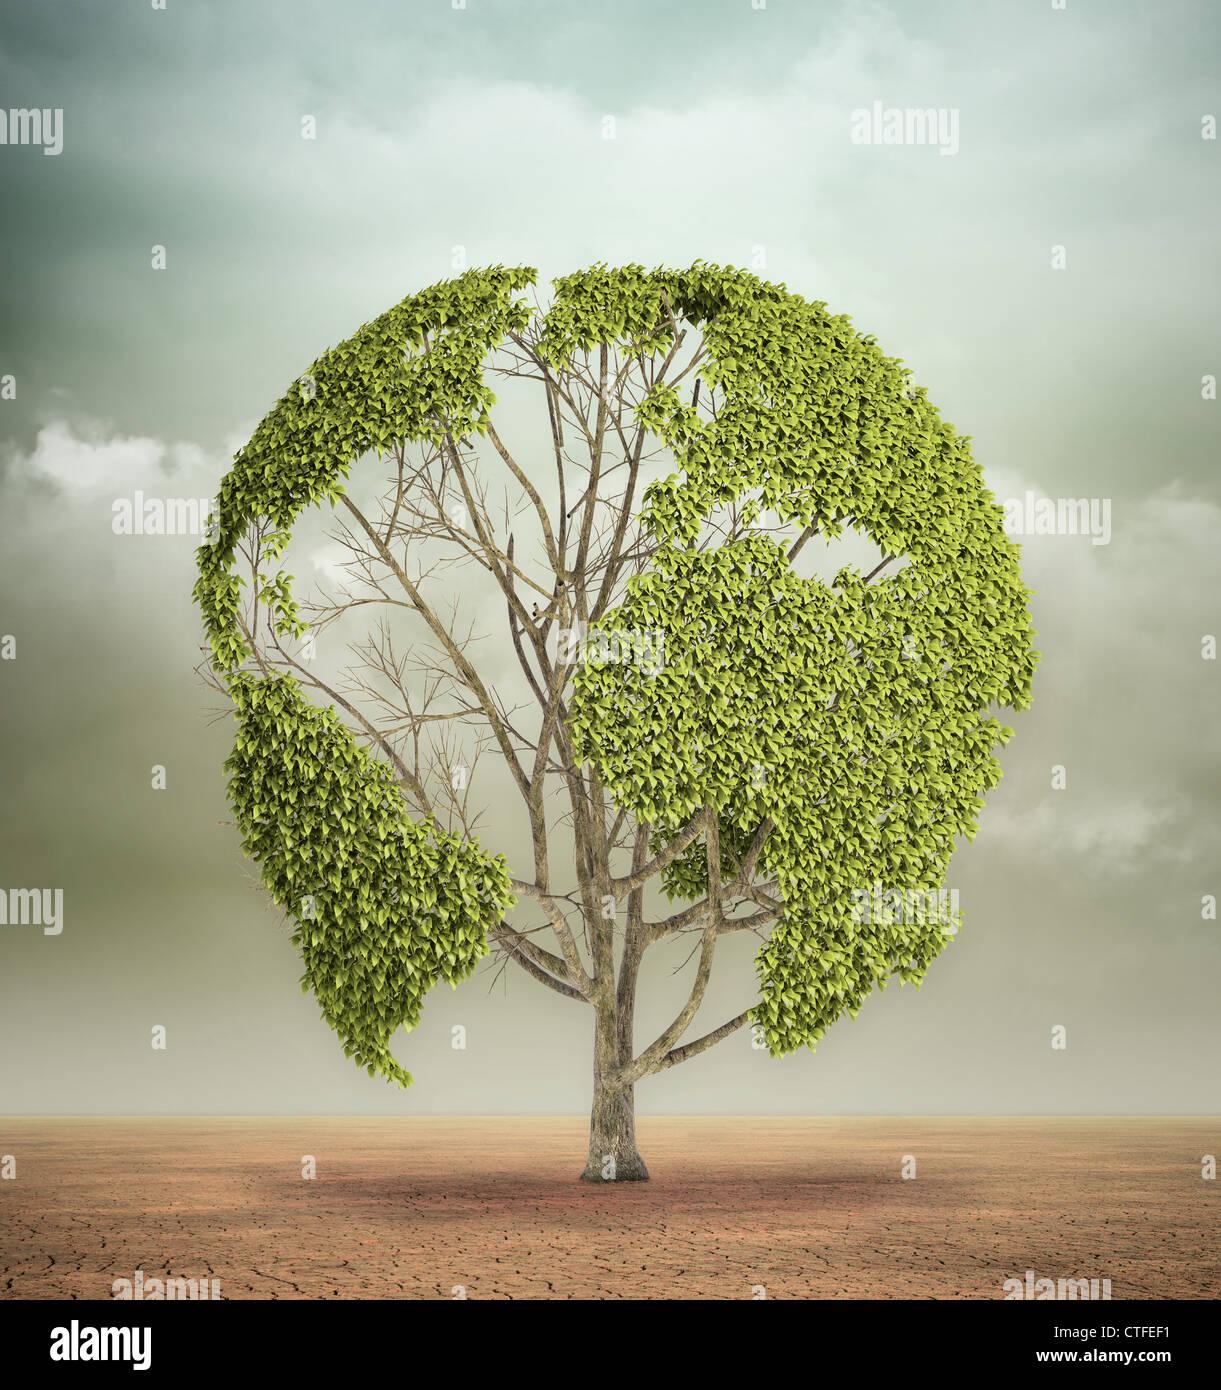 Un albero solitario con la mappa del mondo in un deserto Immagini Stock